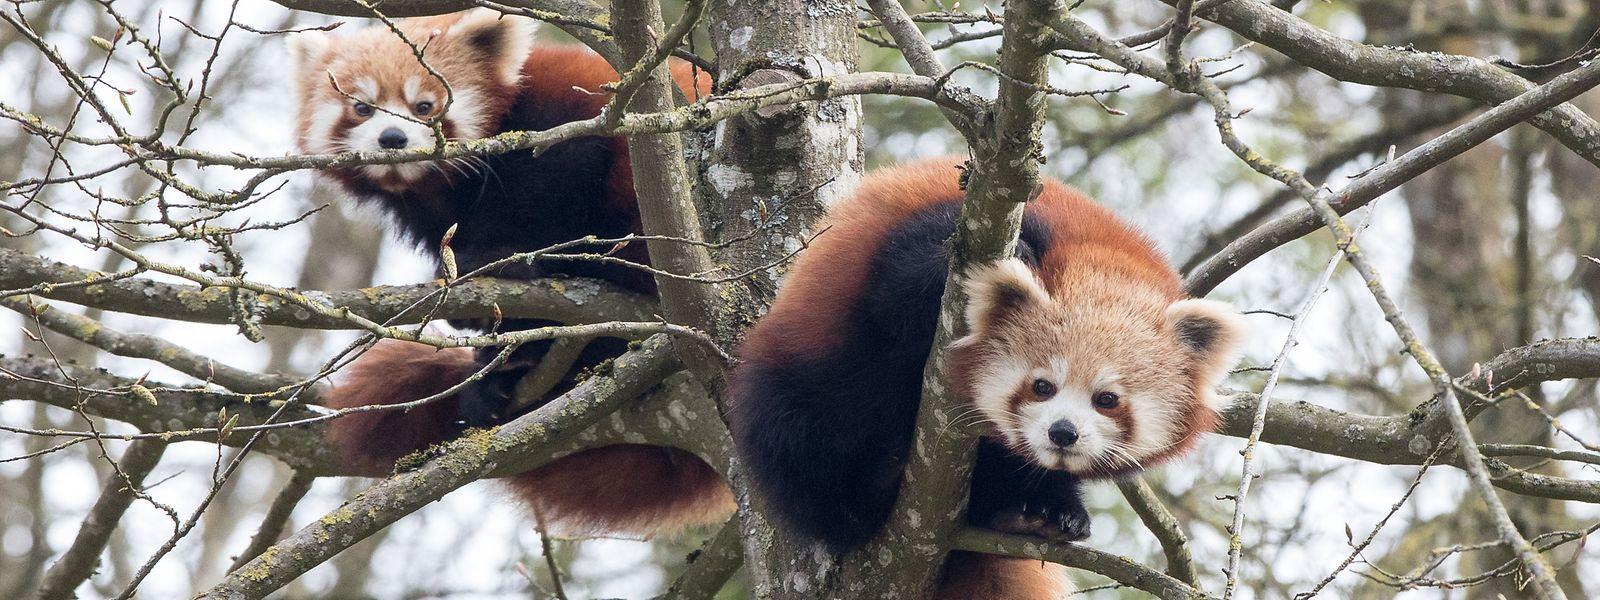 Die zwei Roten Pandas gehören zu den neuen Attraktionen im Märchenpark.